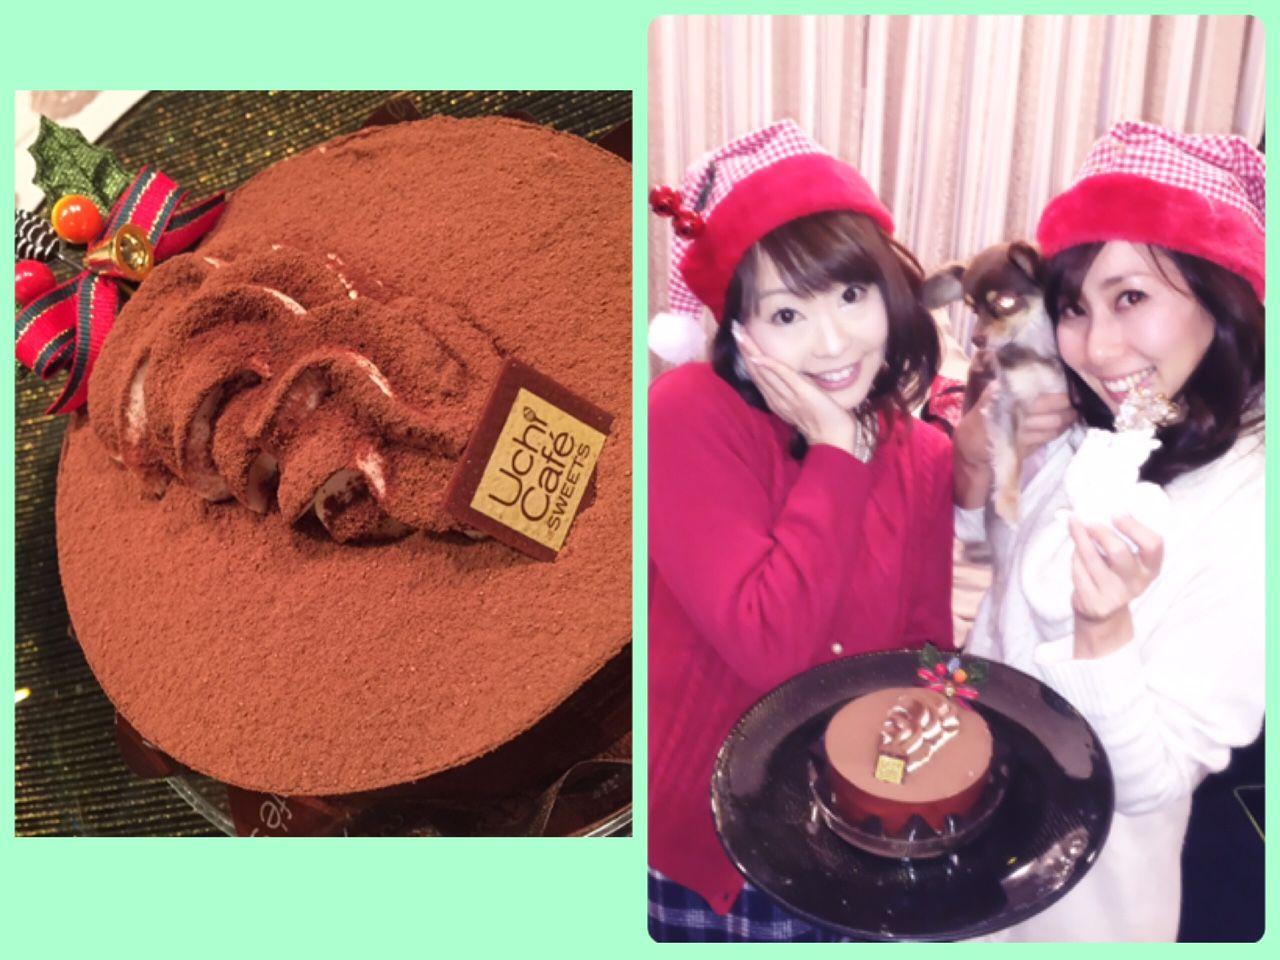 絶品!コンビニクリスマスケーキ♪TVでもお馴染みの番組で紹介!